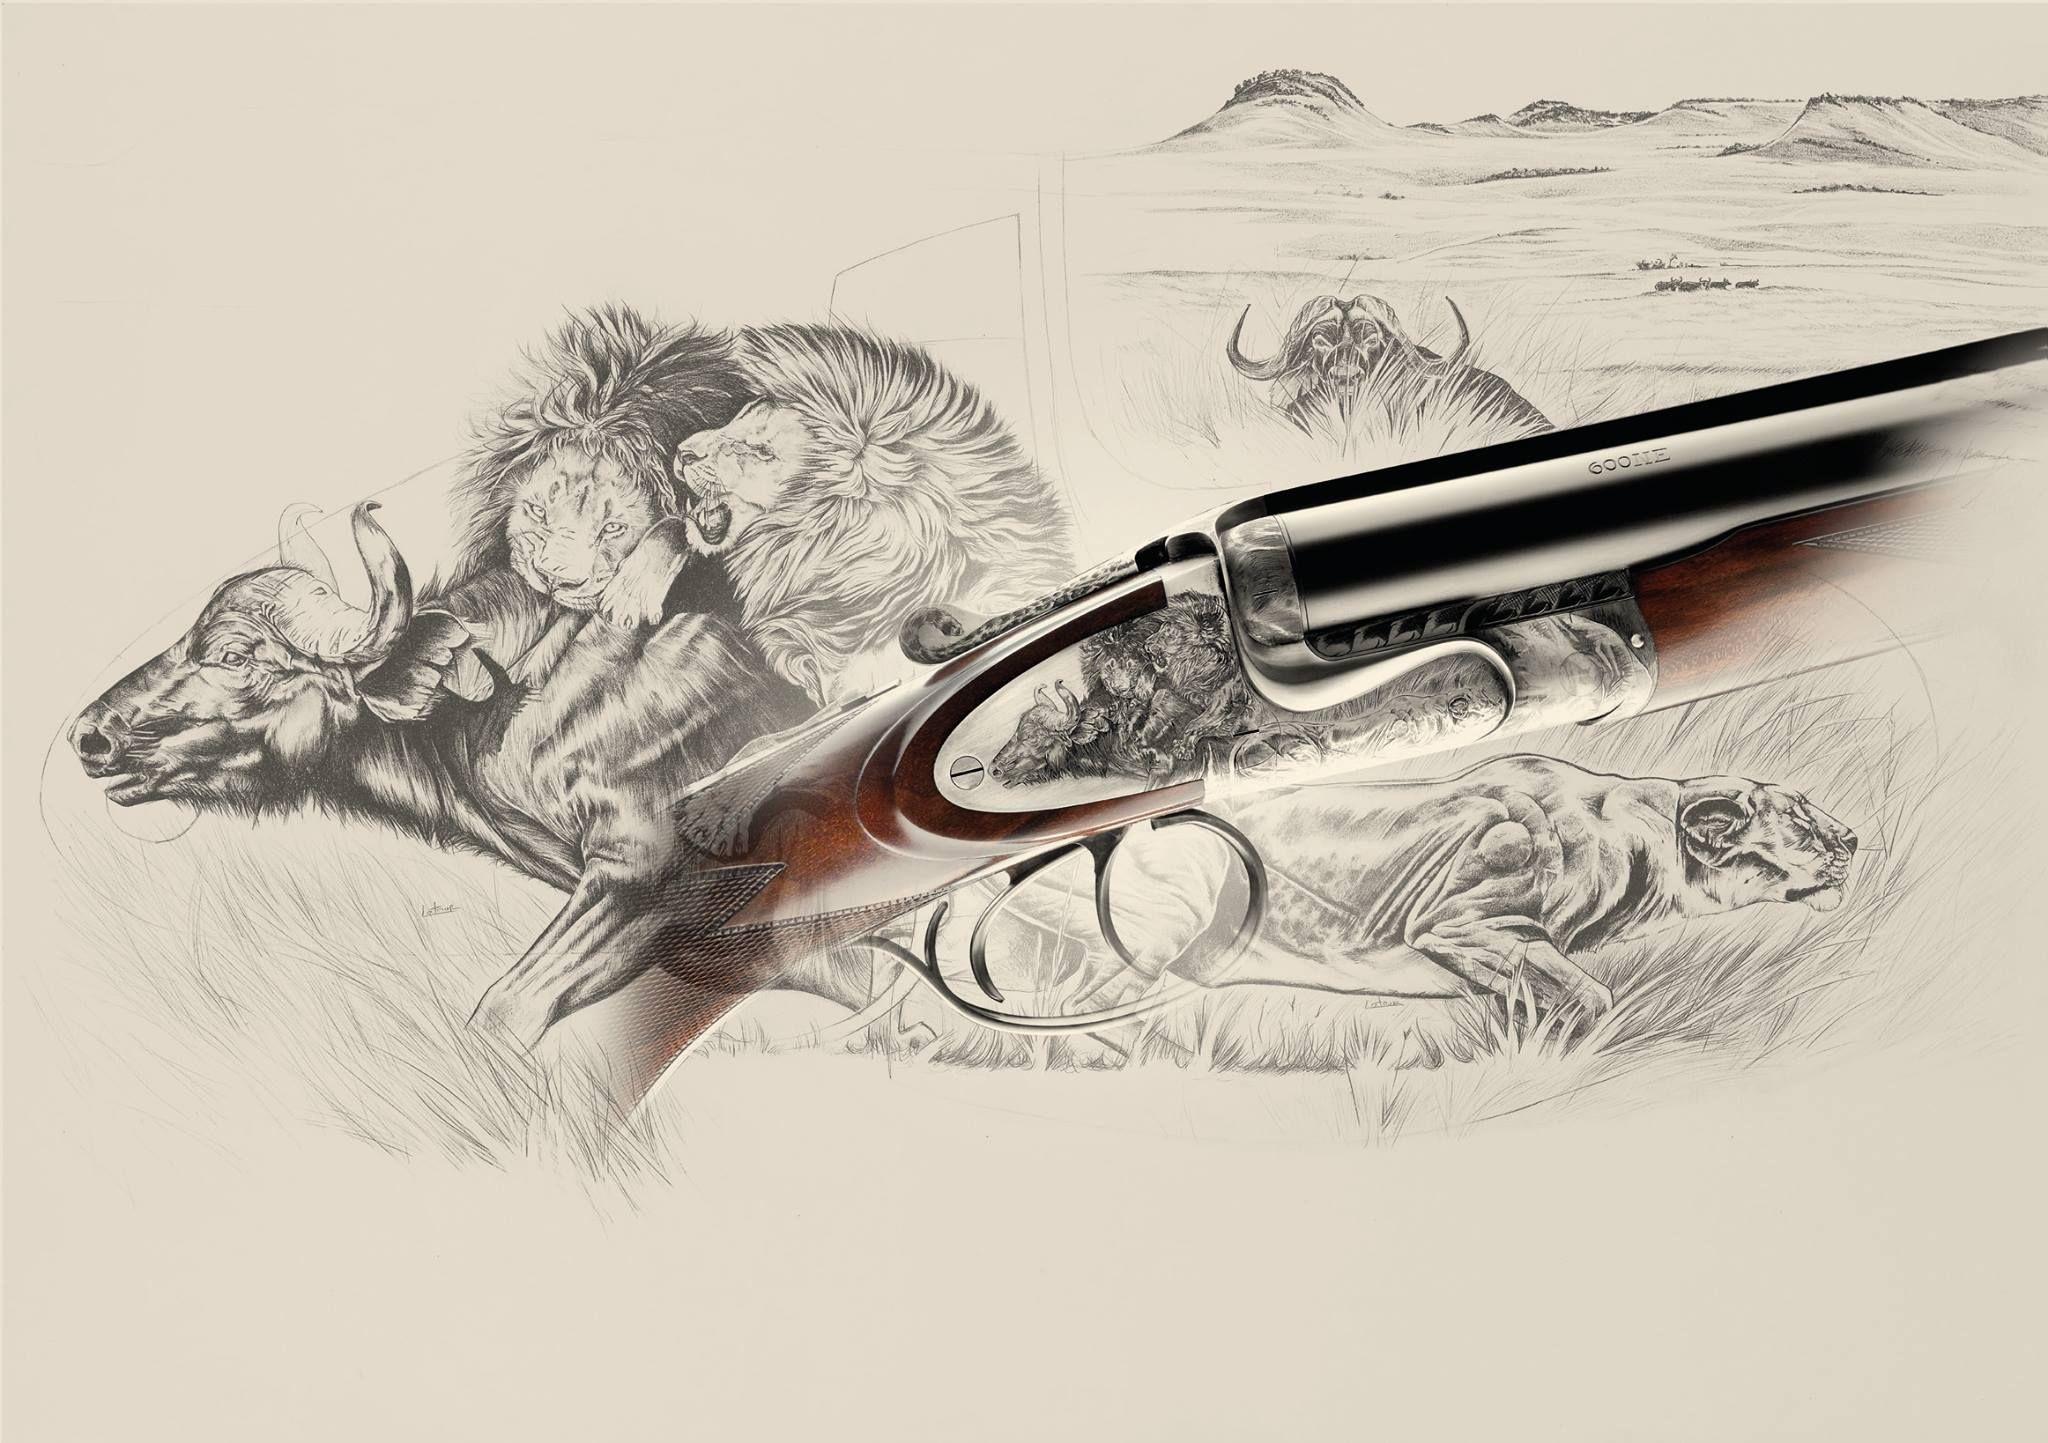 картинки на тему охота и ружья уверяют, что